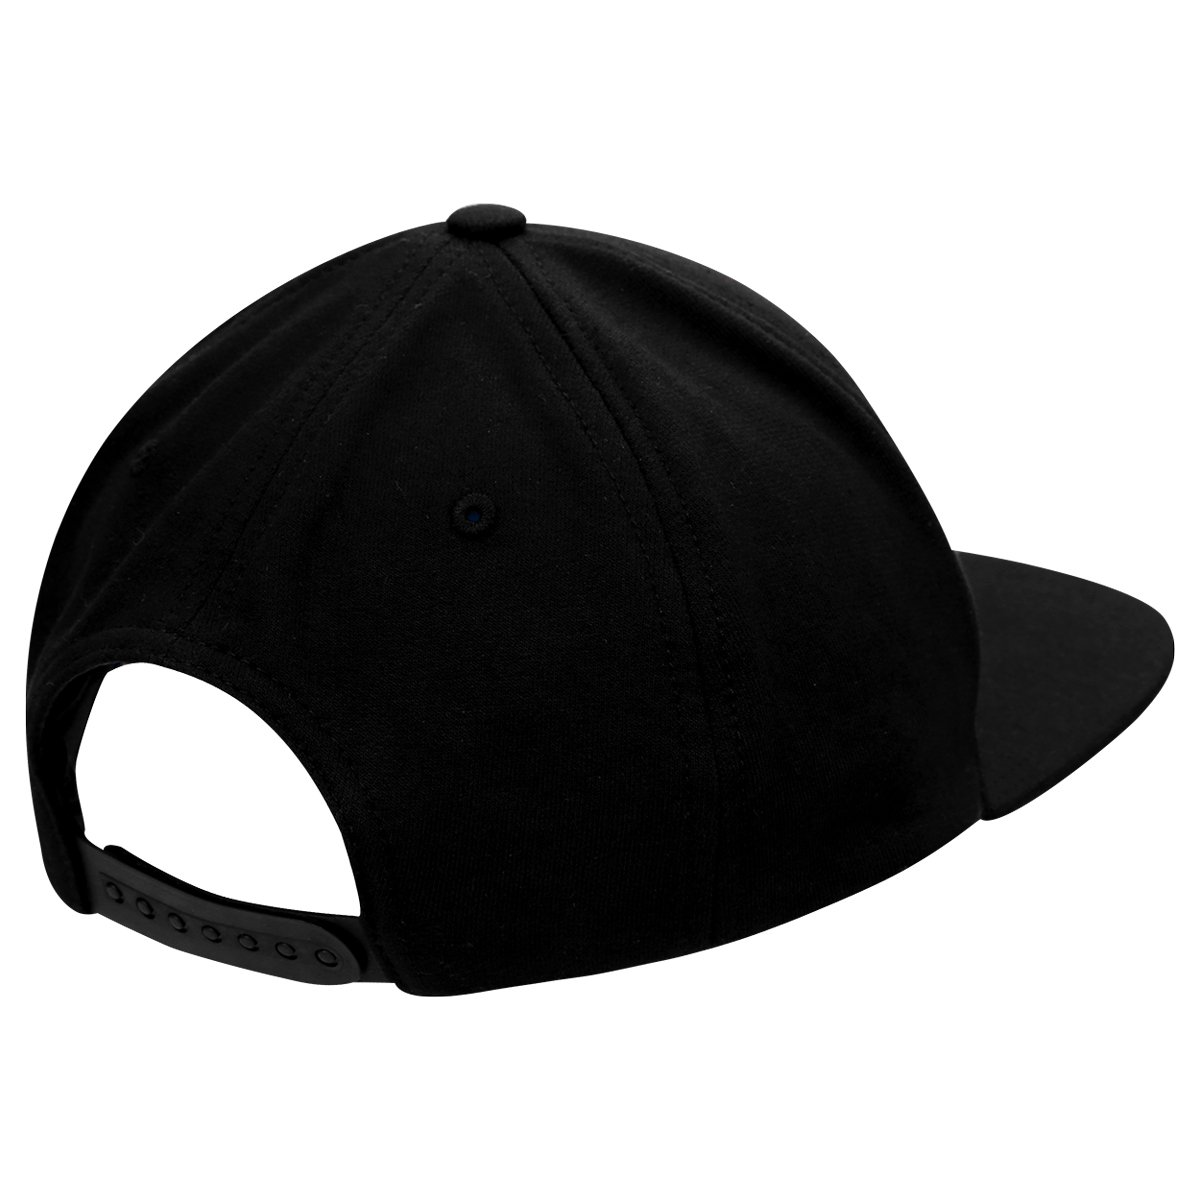 8989abbca52af Boné Calvin Klein Aba Reta - Compre Agora   Netshoes